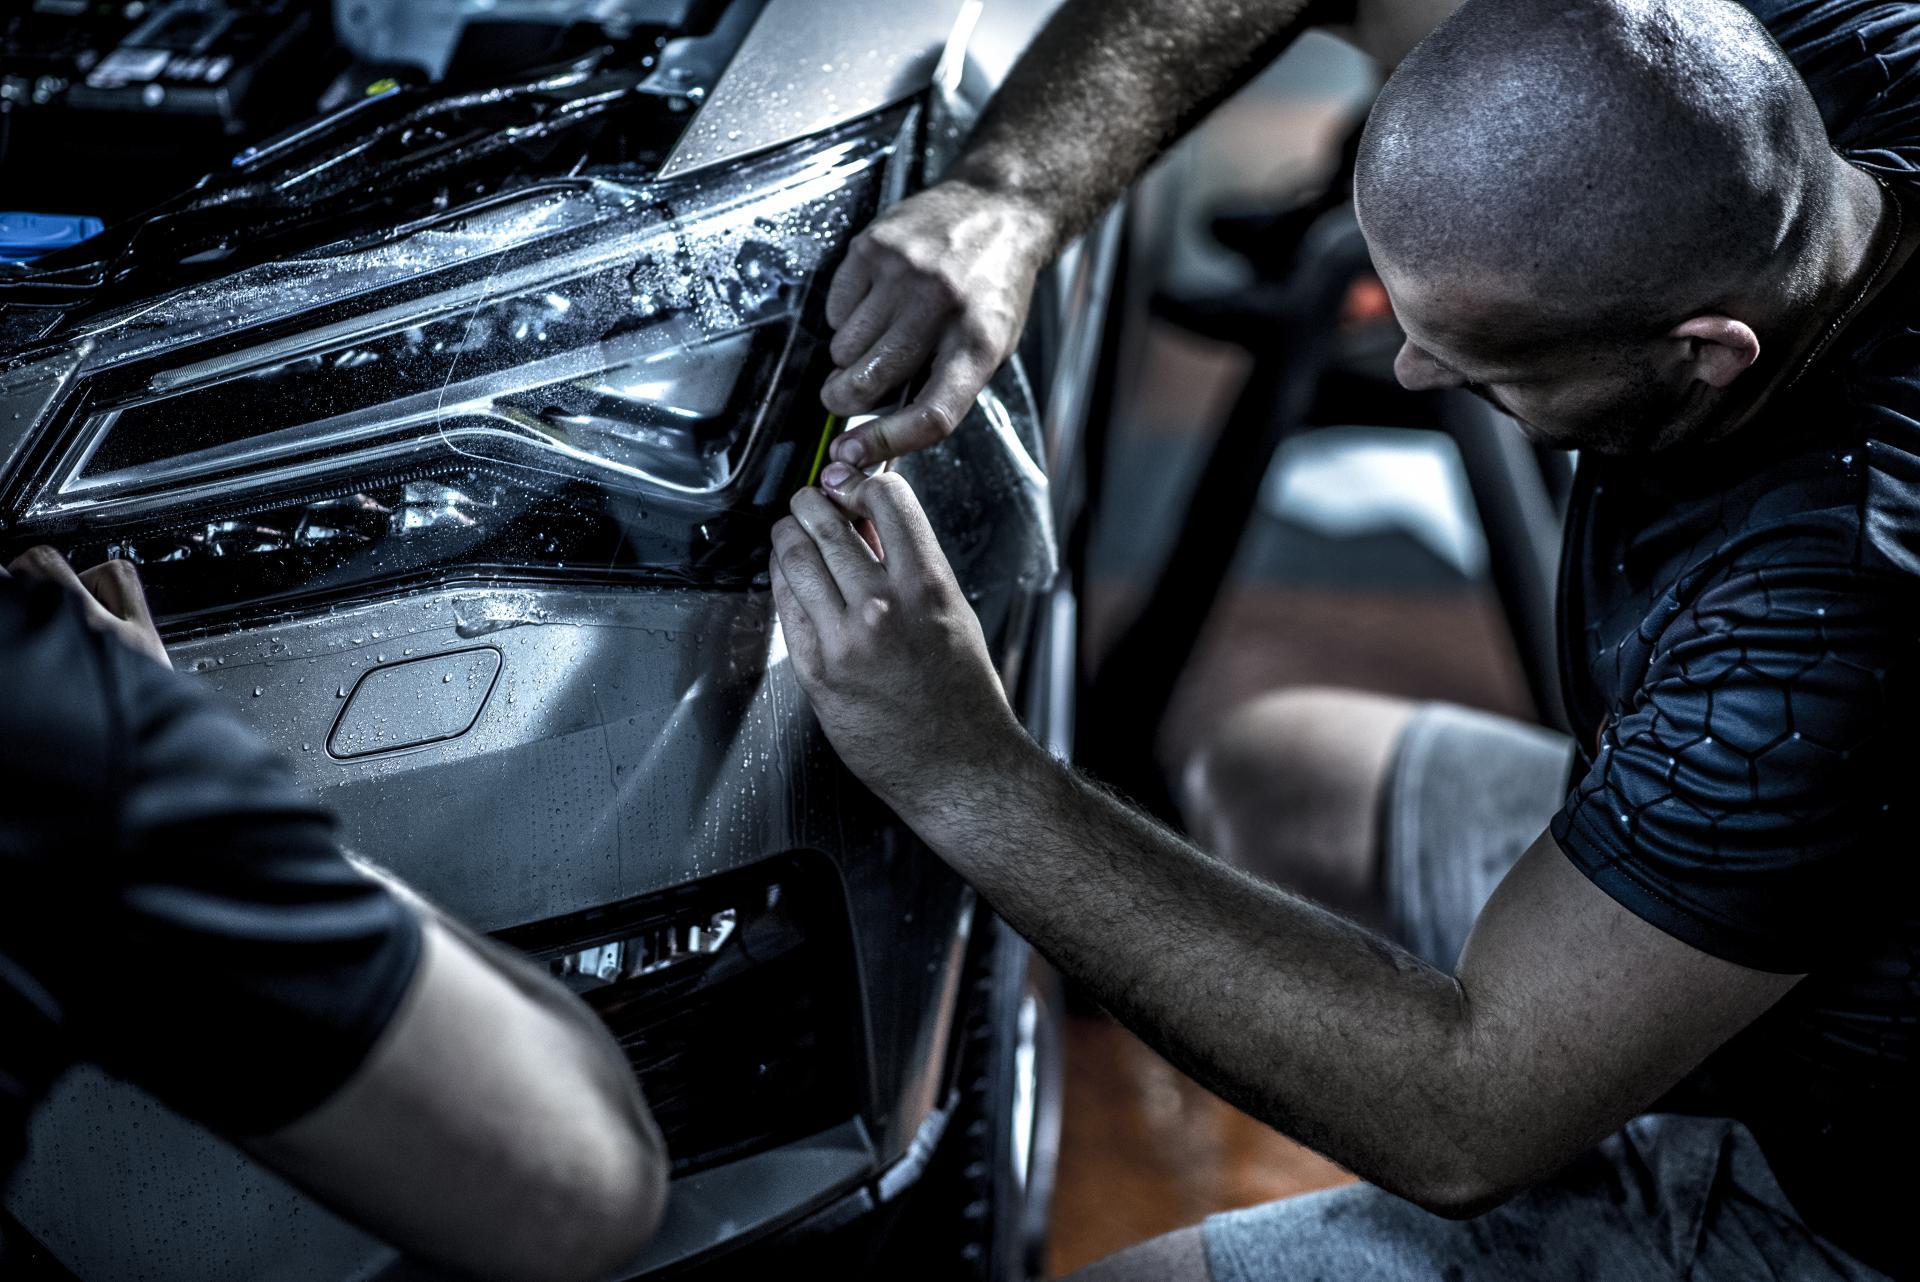 Naklejanie folii ochronnej na samochód